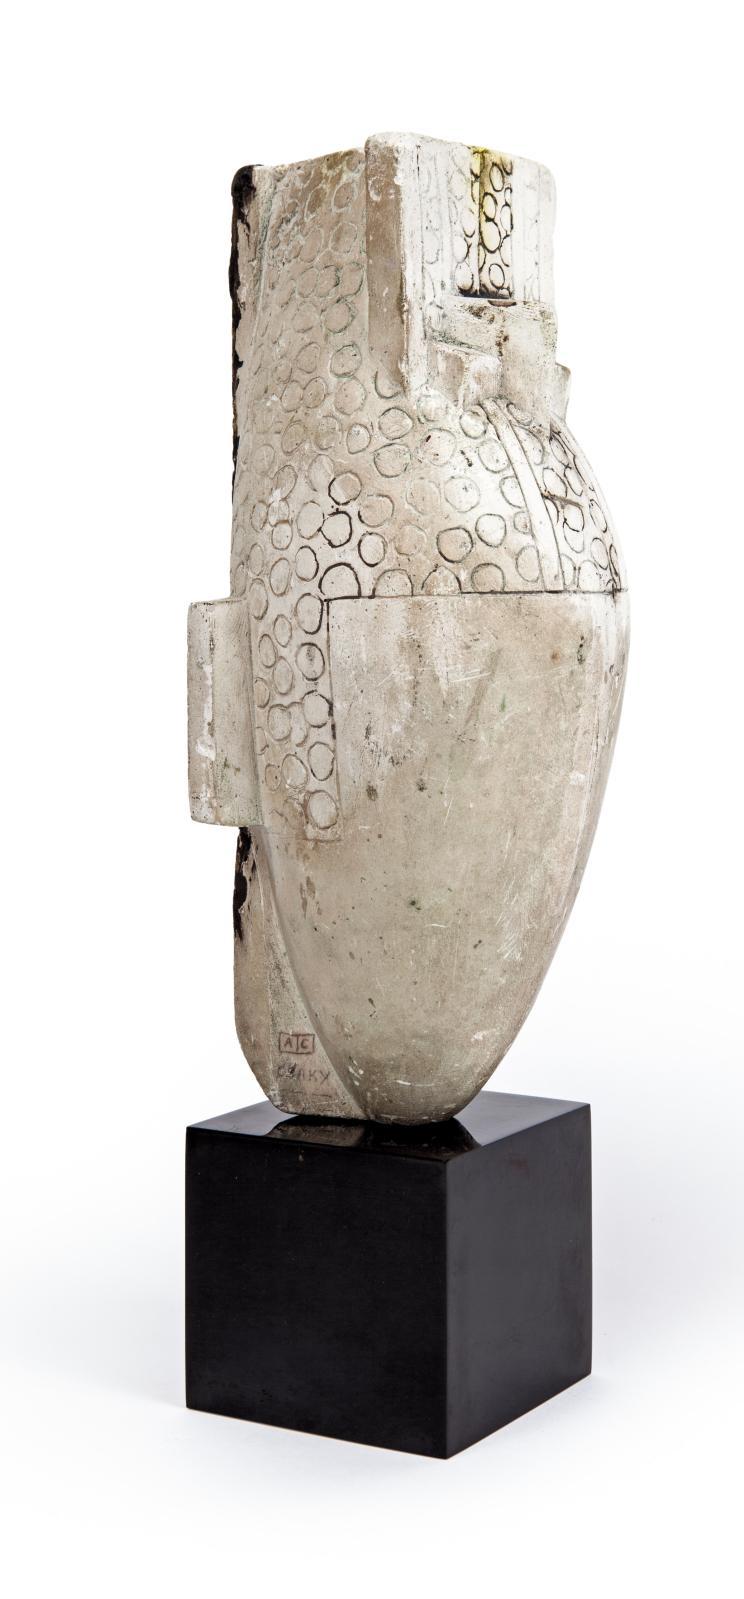 Joseph Csaky, Figure perlée, plâtre original, h.31 cm, base: 5x5,5cm. Galerie Vallois.